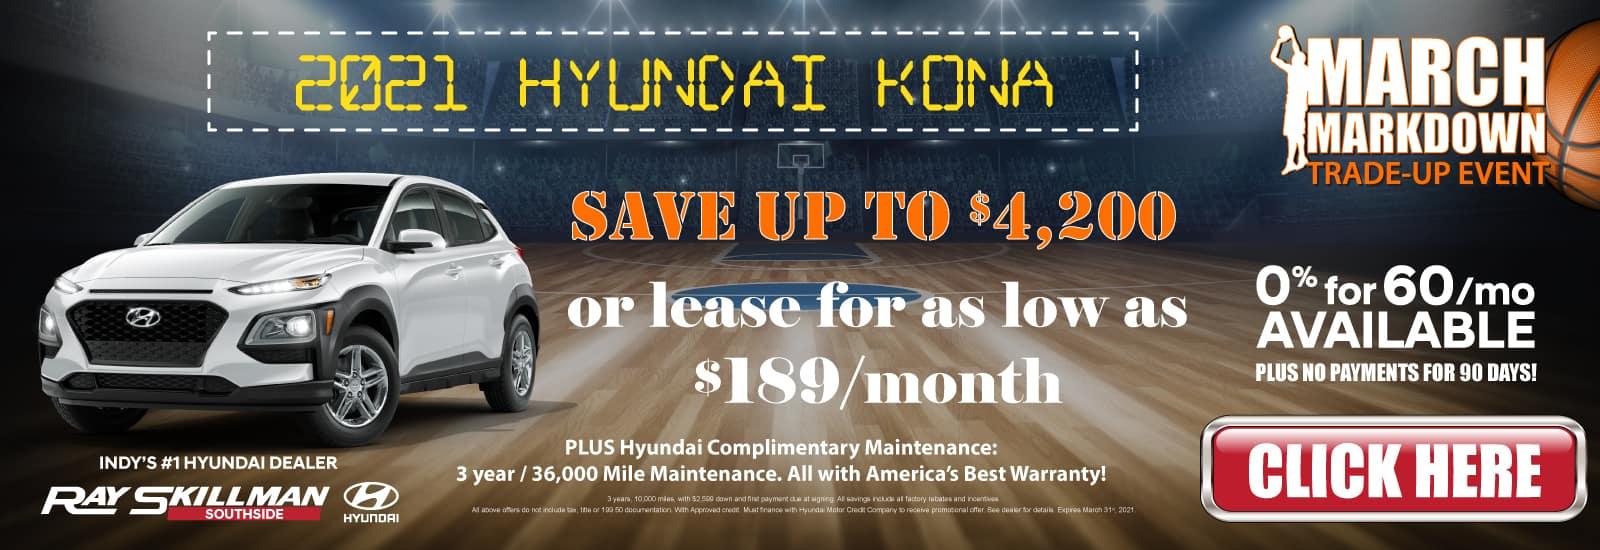 2021-Hyundai-Kona-Web-Banner-March